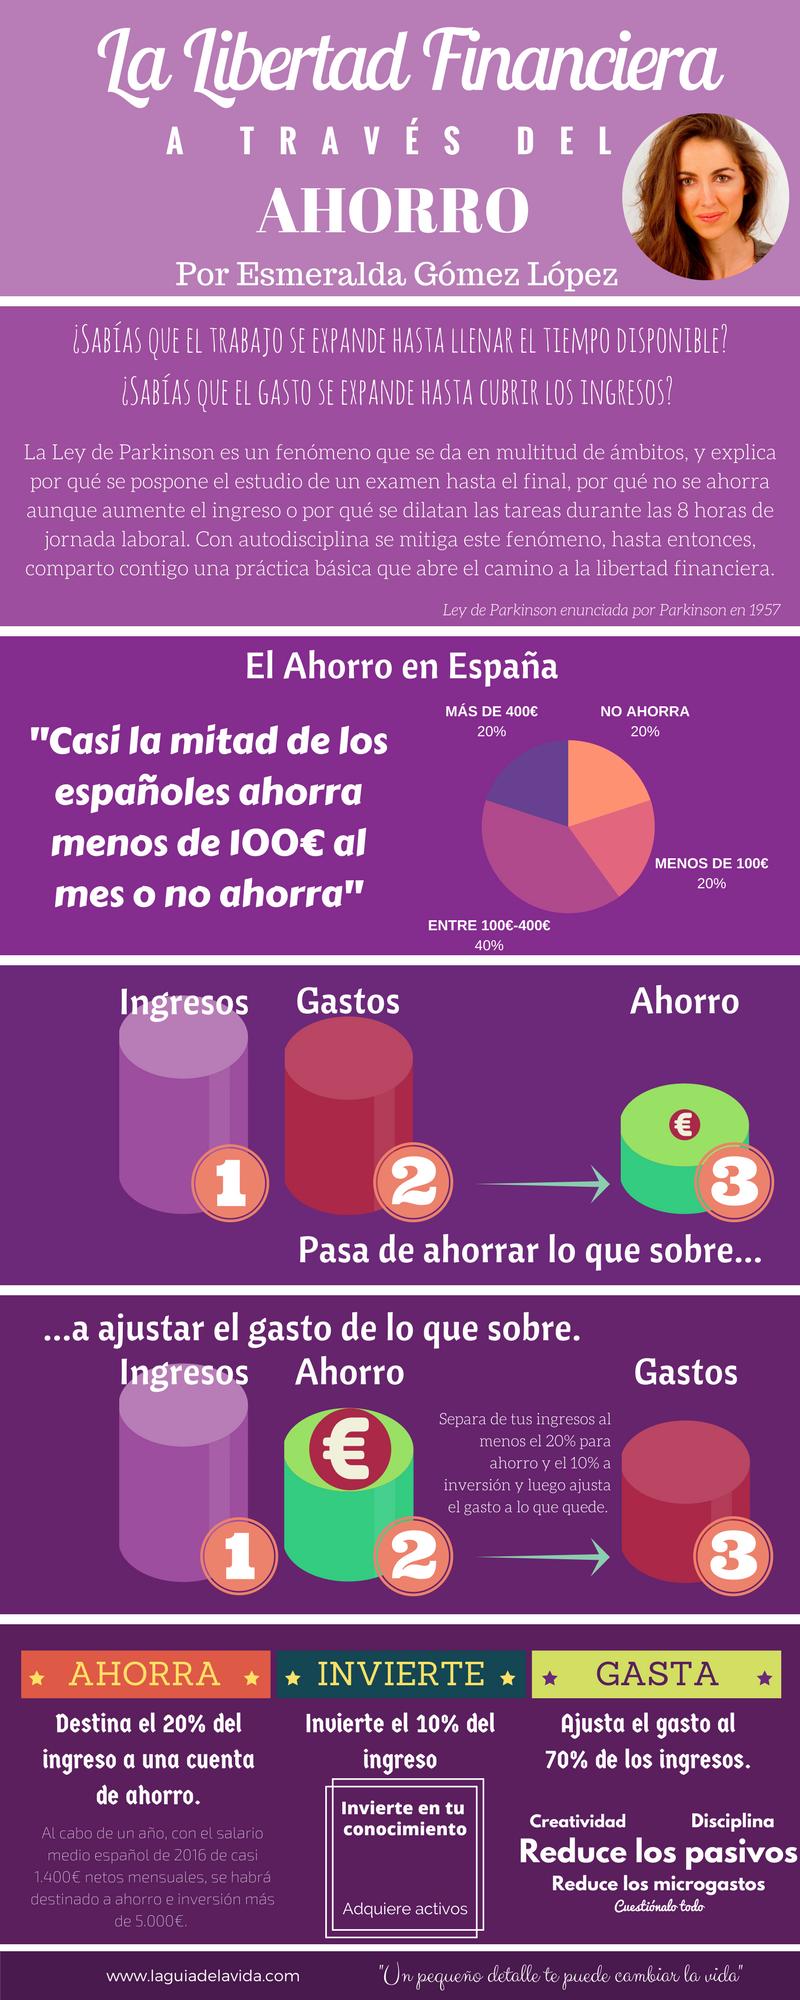 Infografía Libertad Financiera-Ahorro